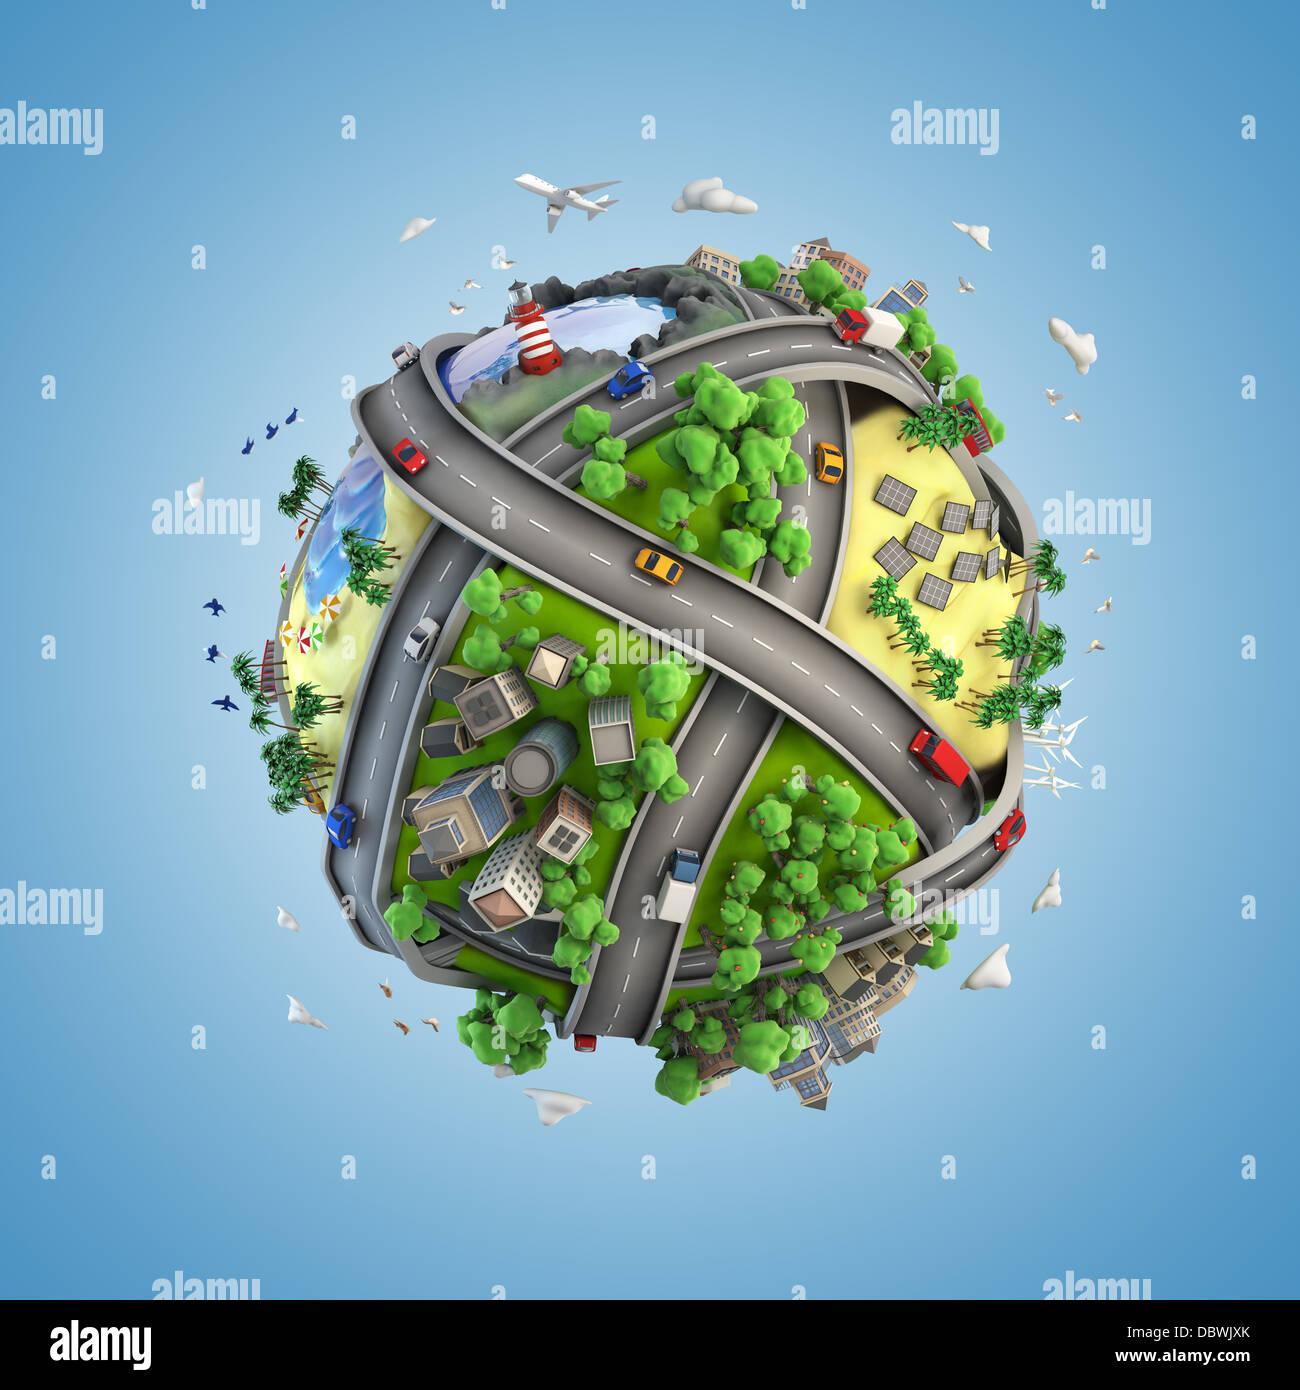 Konzept-Globus zeigt Vielfalt, Verkehr und grüne Energie im Cartoon-Stil Stockfoto